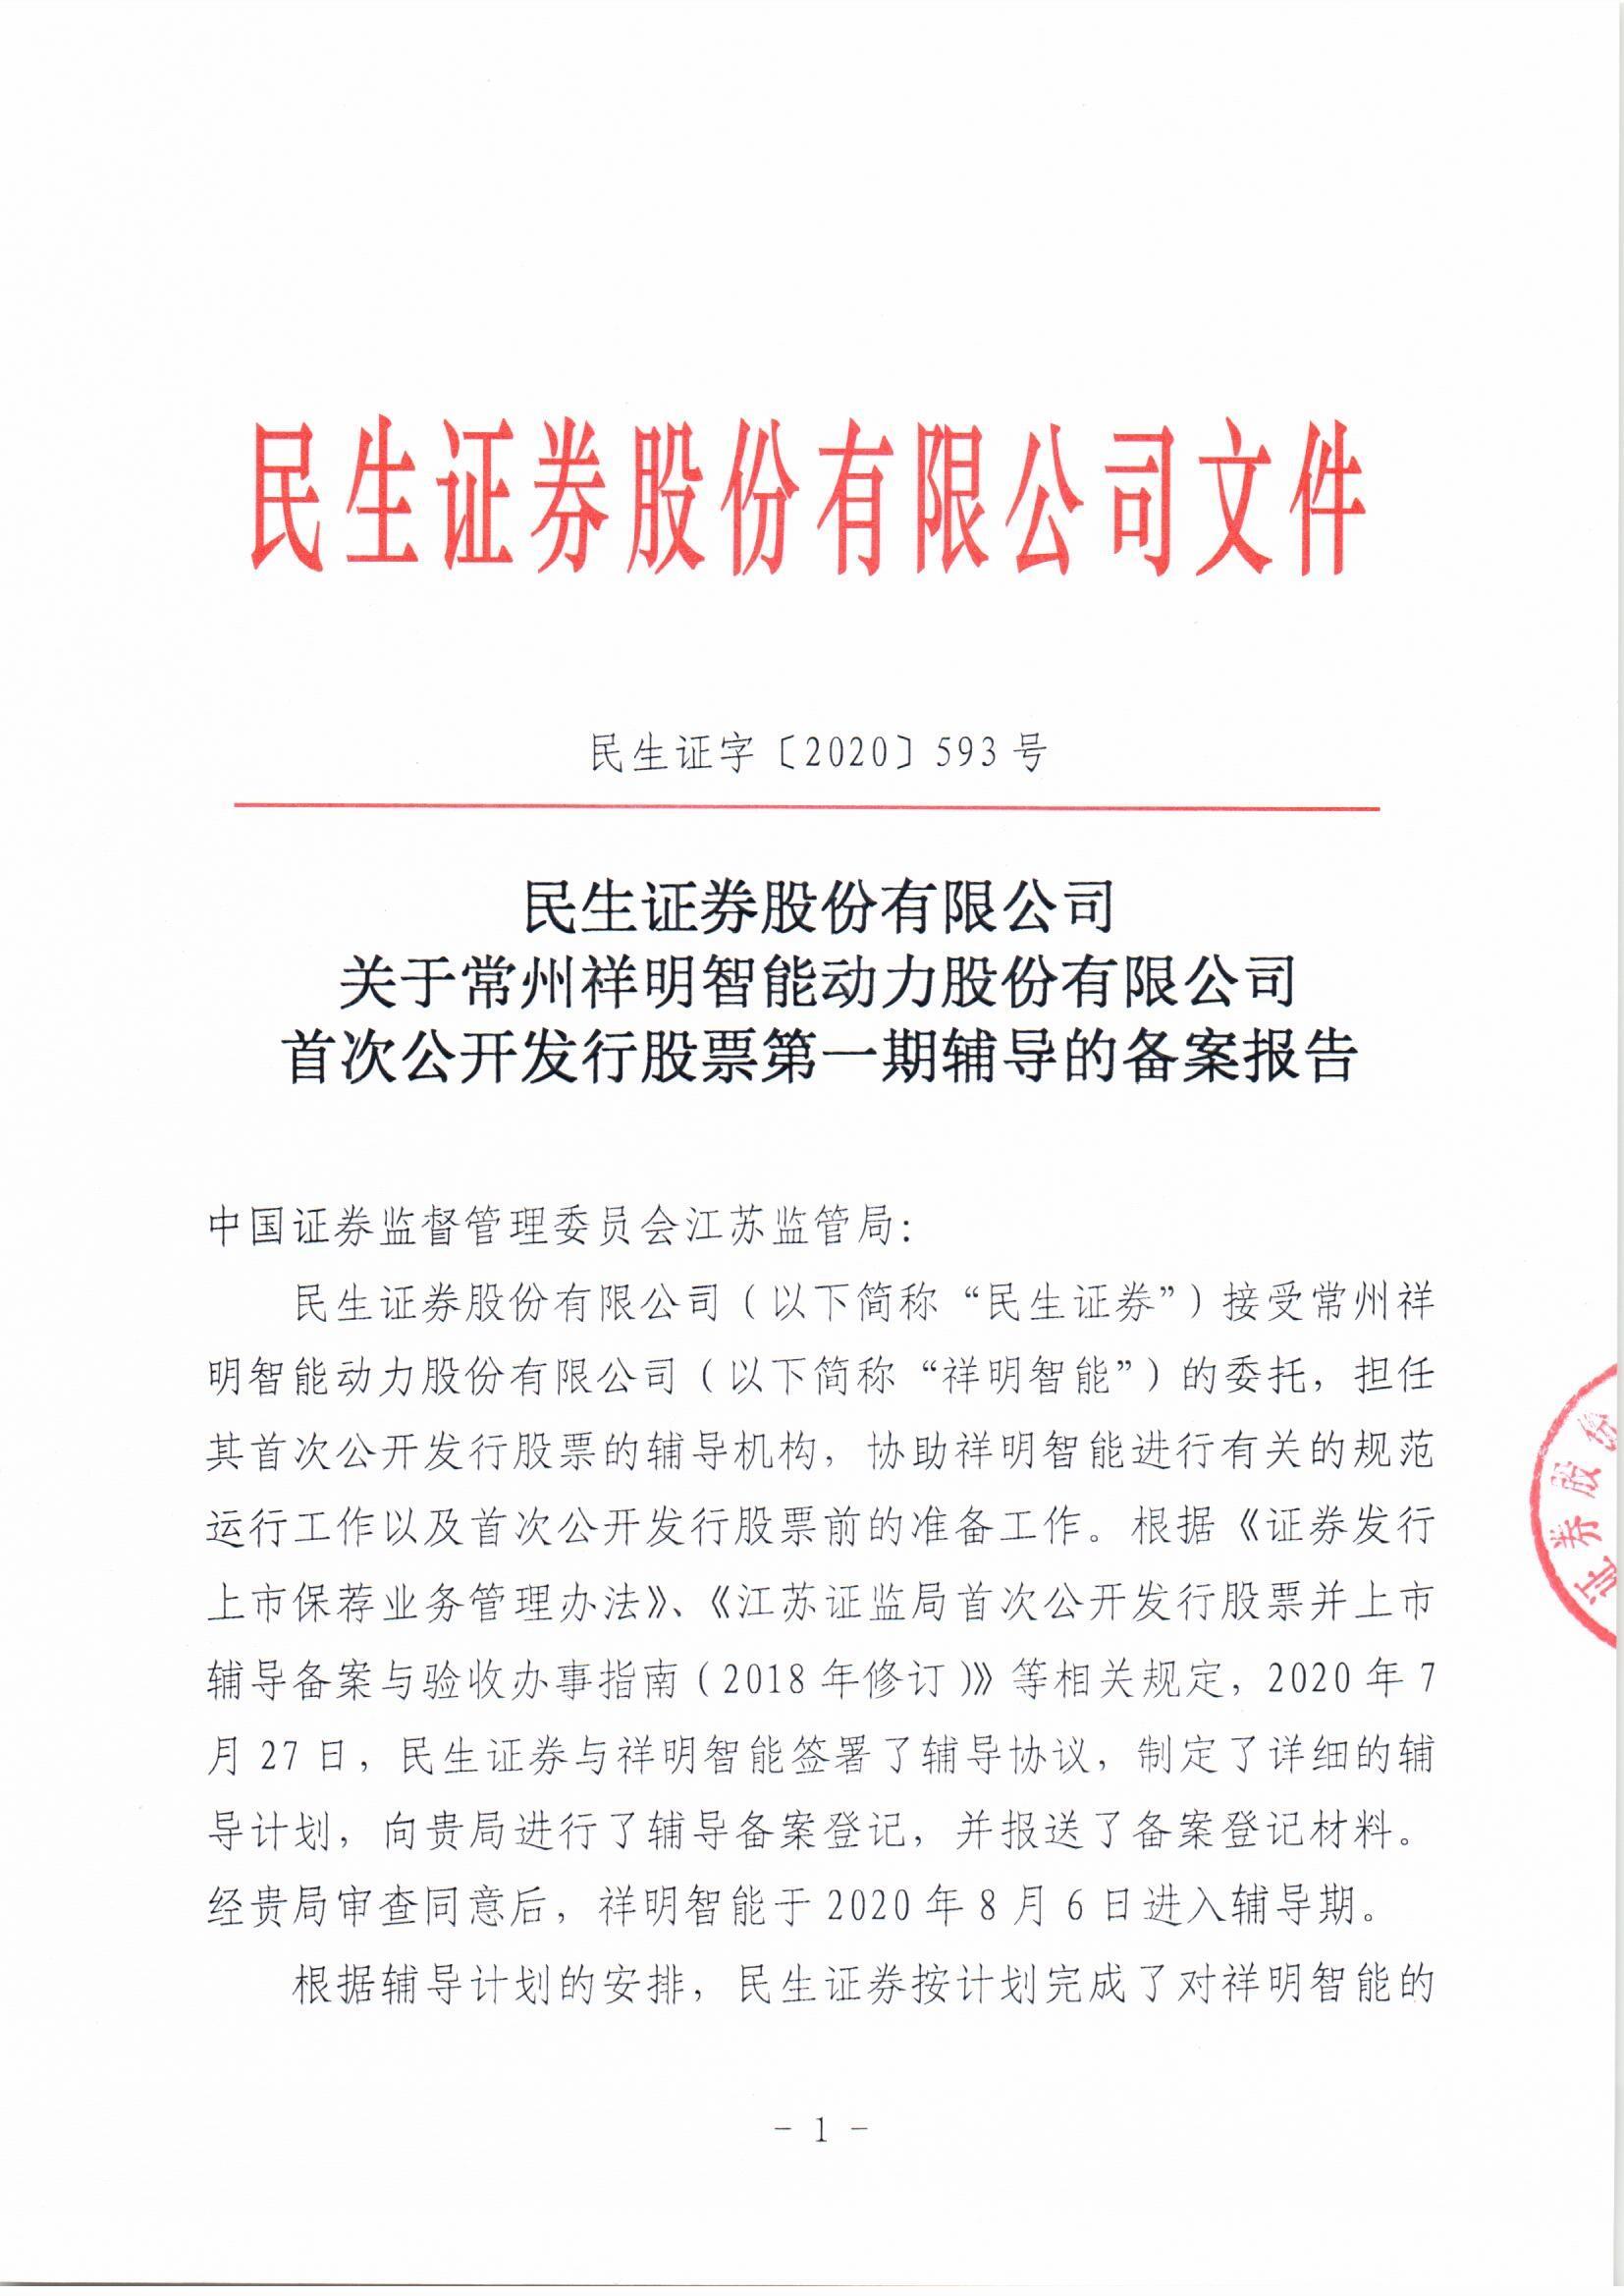 祥明智能第一期辅导的备案报告-上传版20200918_页面_01.jpg